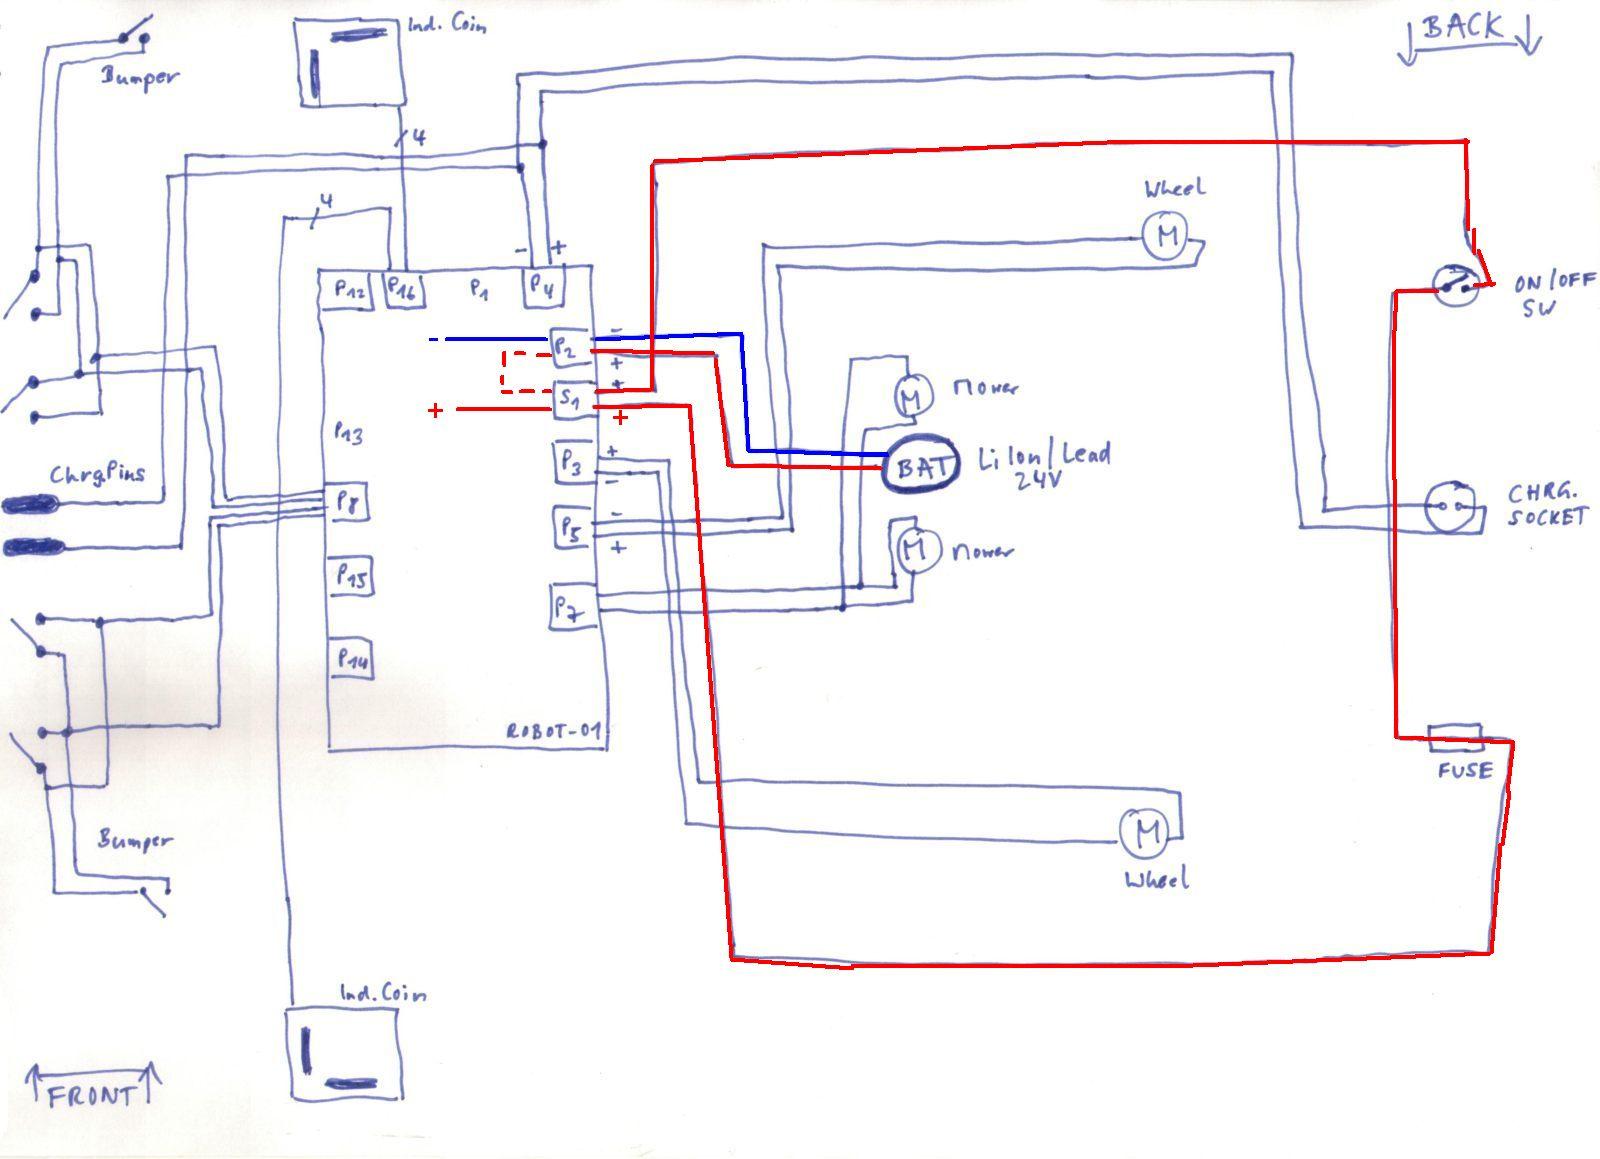 Suzuki Drz 400 Wiring Diagram Printable Wiring Diagram Schematic